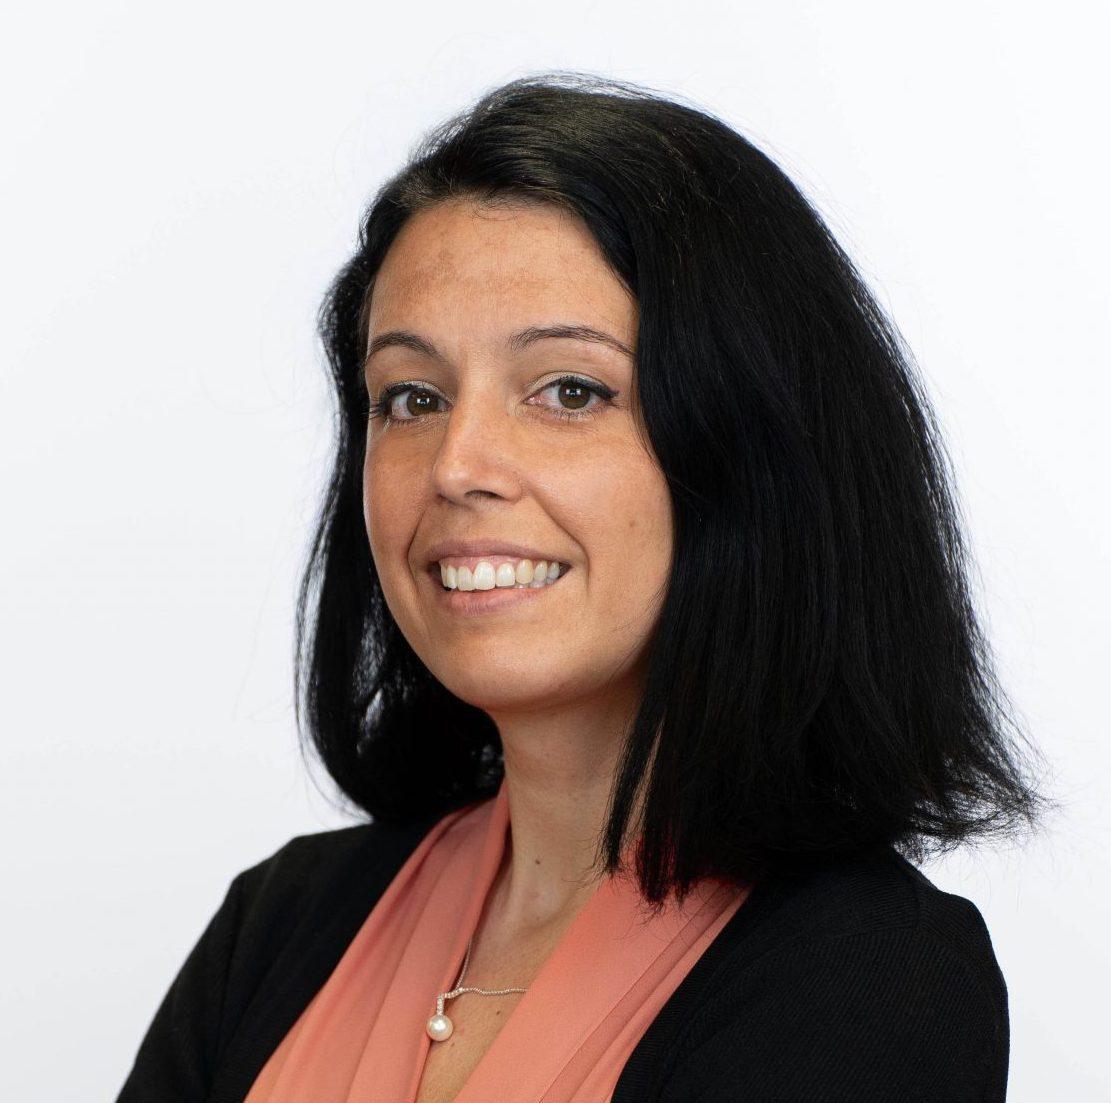 Ariana Gómez